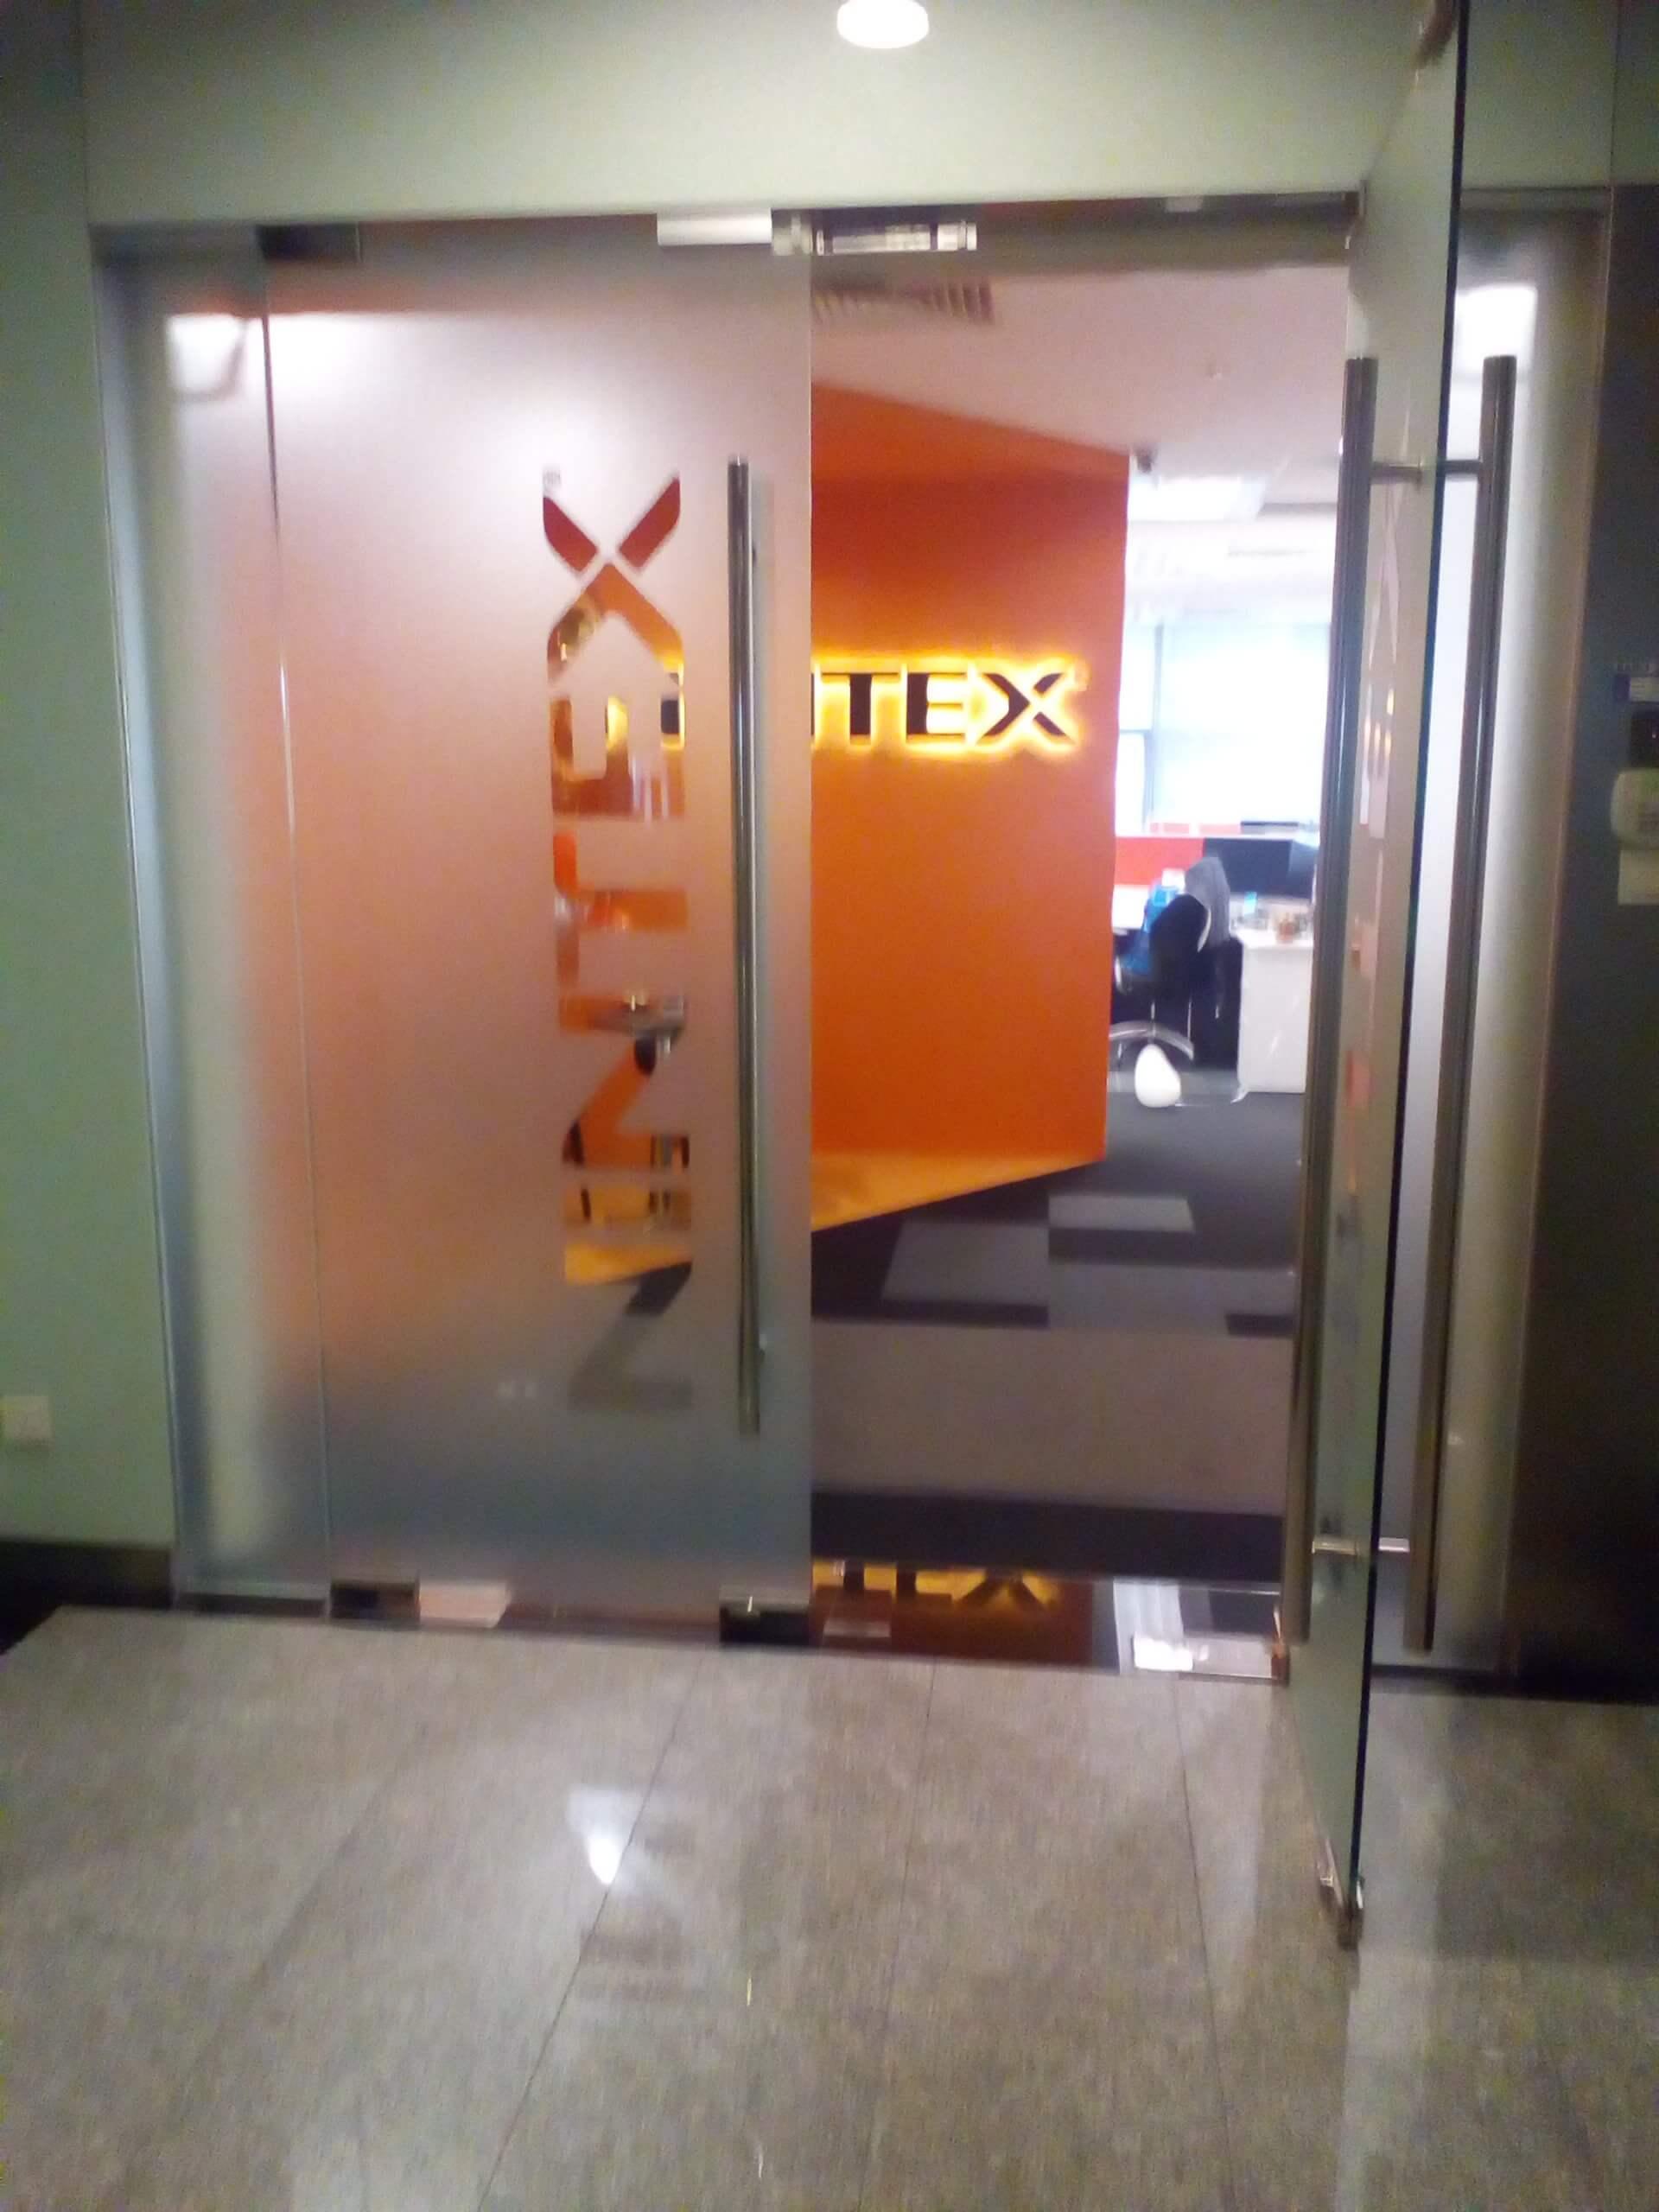 The Nintex Office